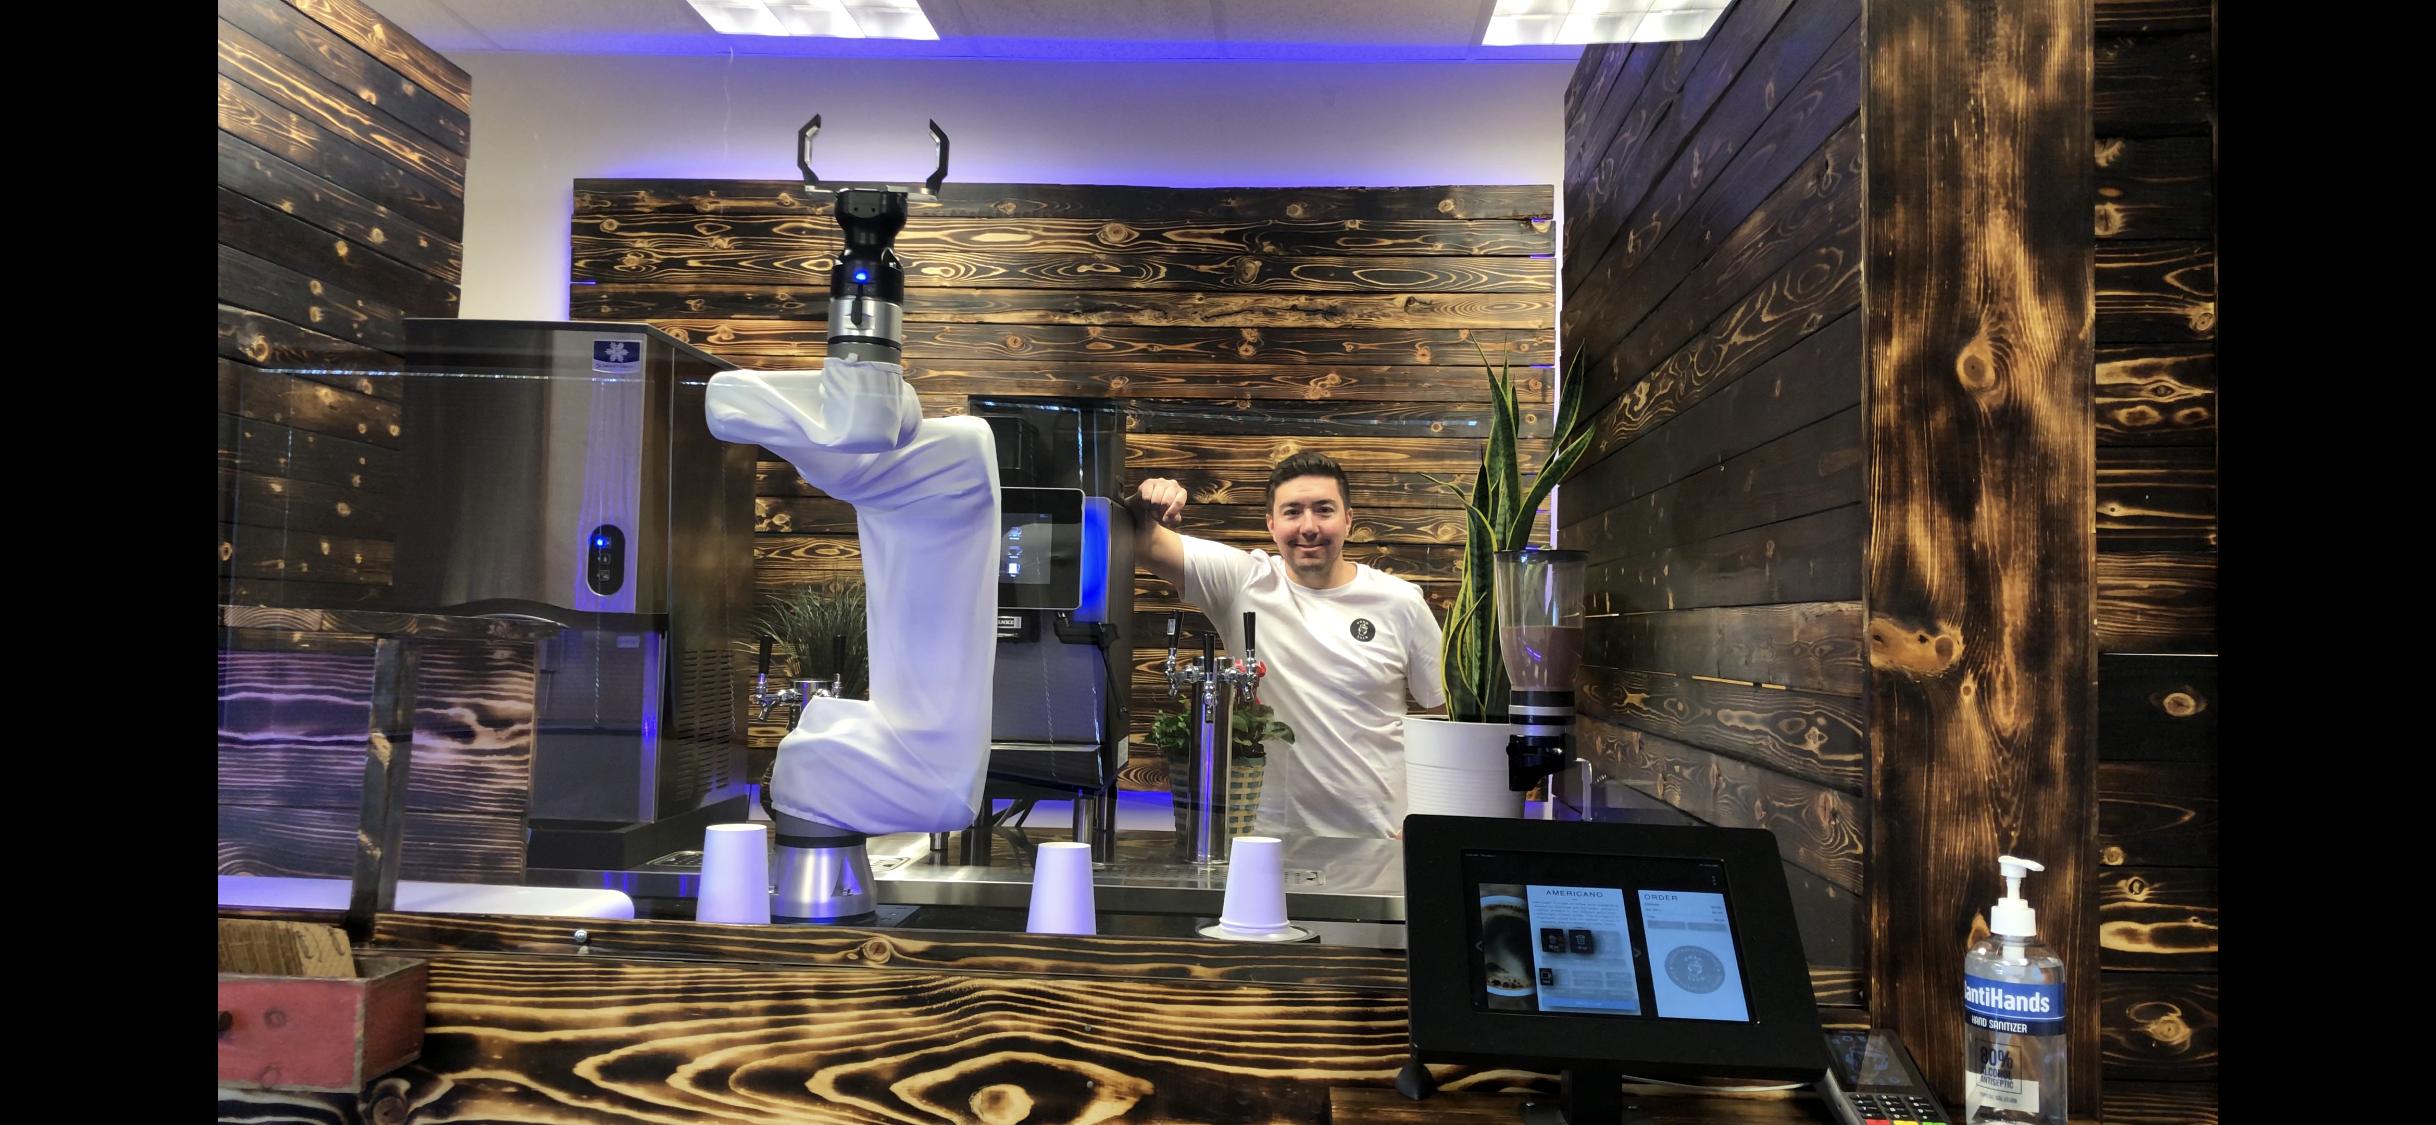 robo cafe coffee robot barista Golden